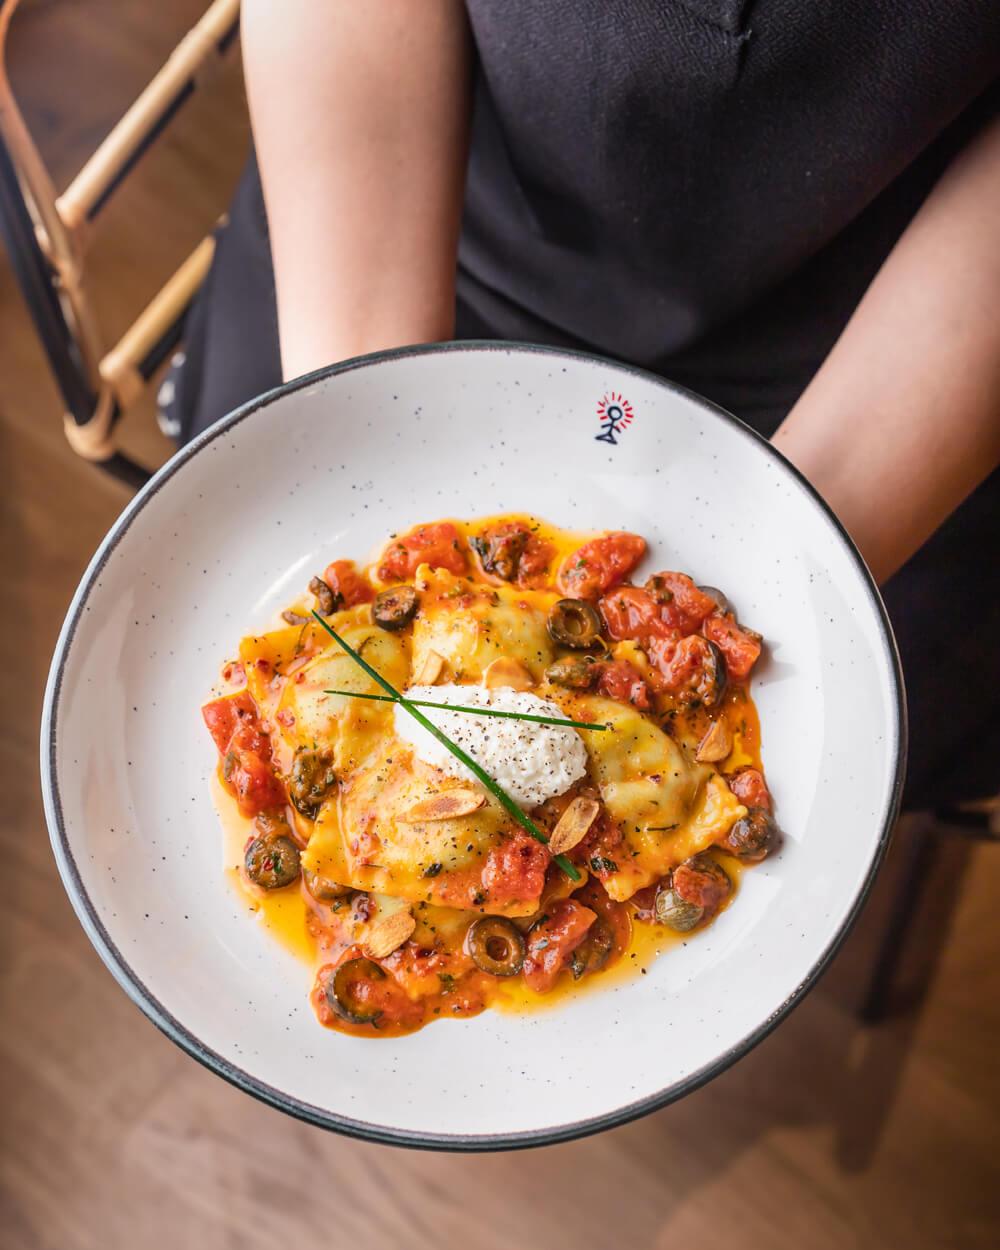 Copy-of-spinach-ricotta-ravioli-with-tomato-putansca